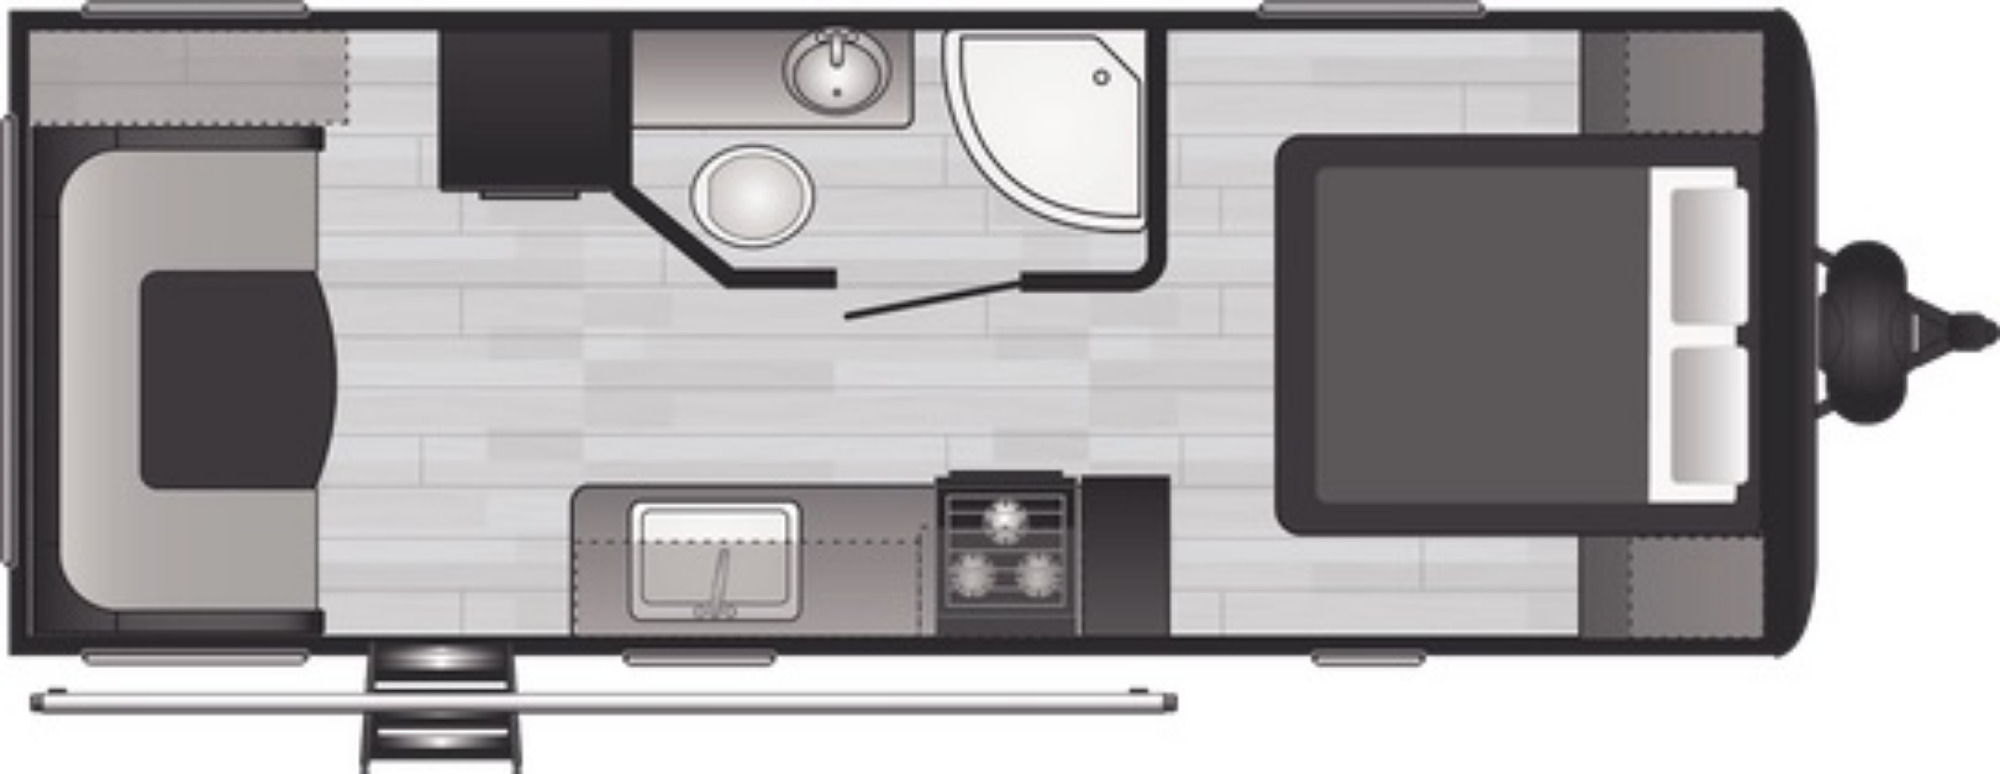 View Floor Plan for 2021 KEYSTONE HIDEOUT 22RDWE